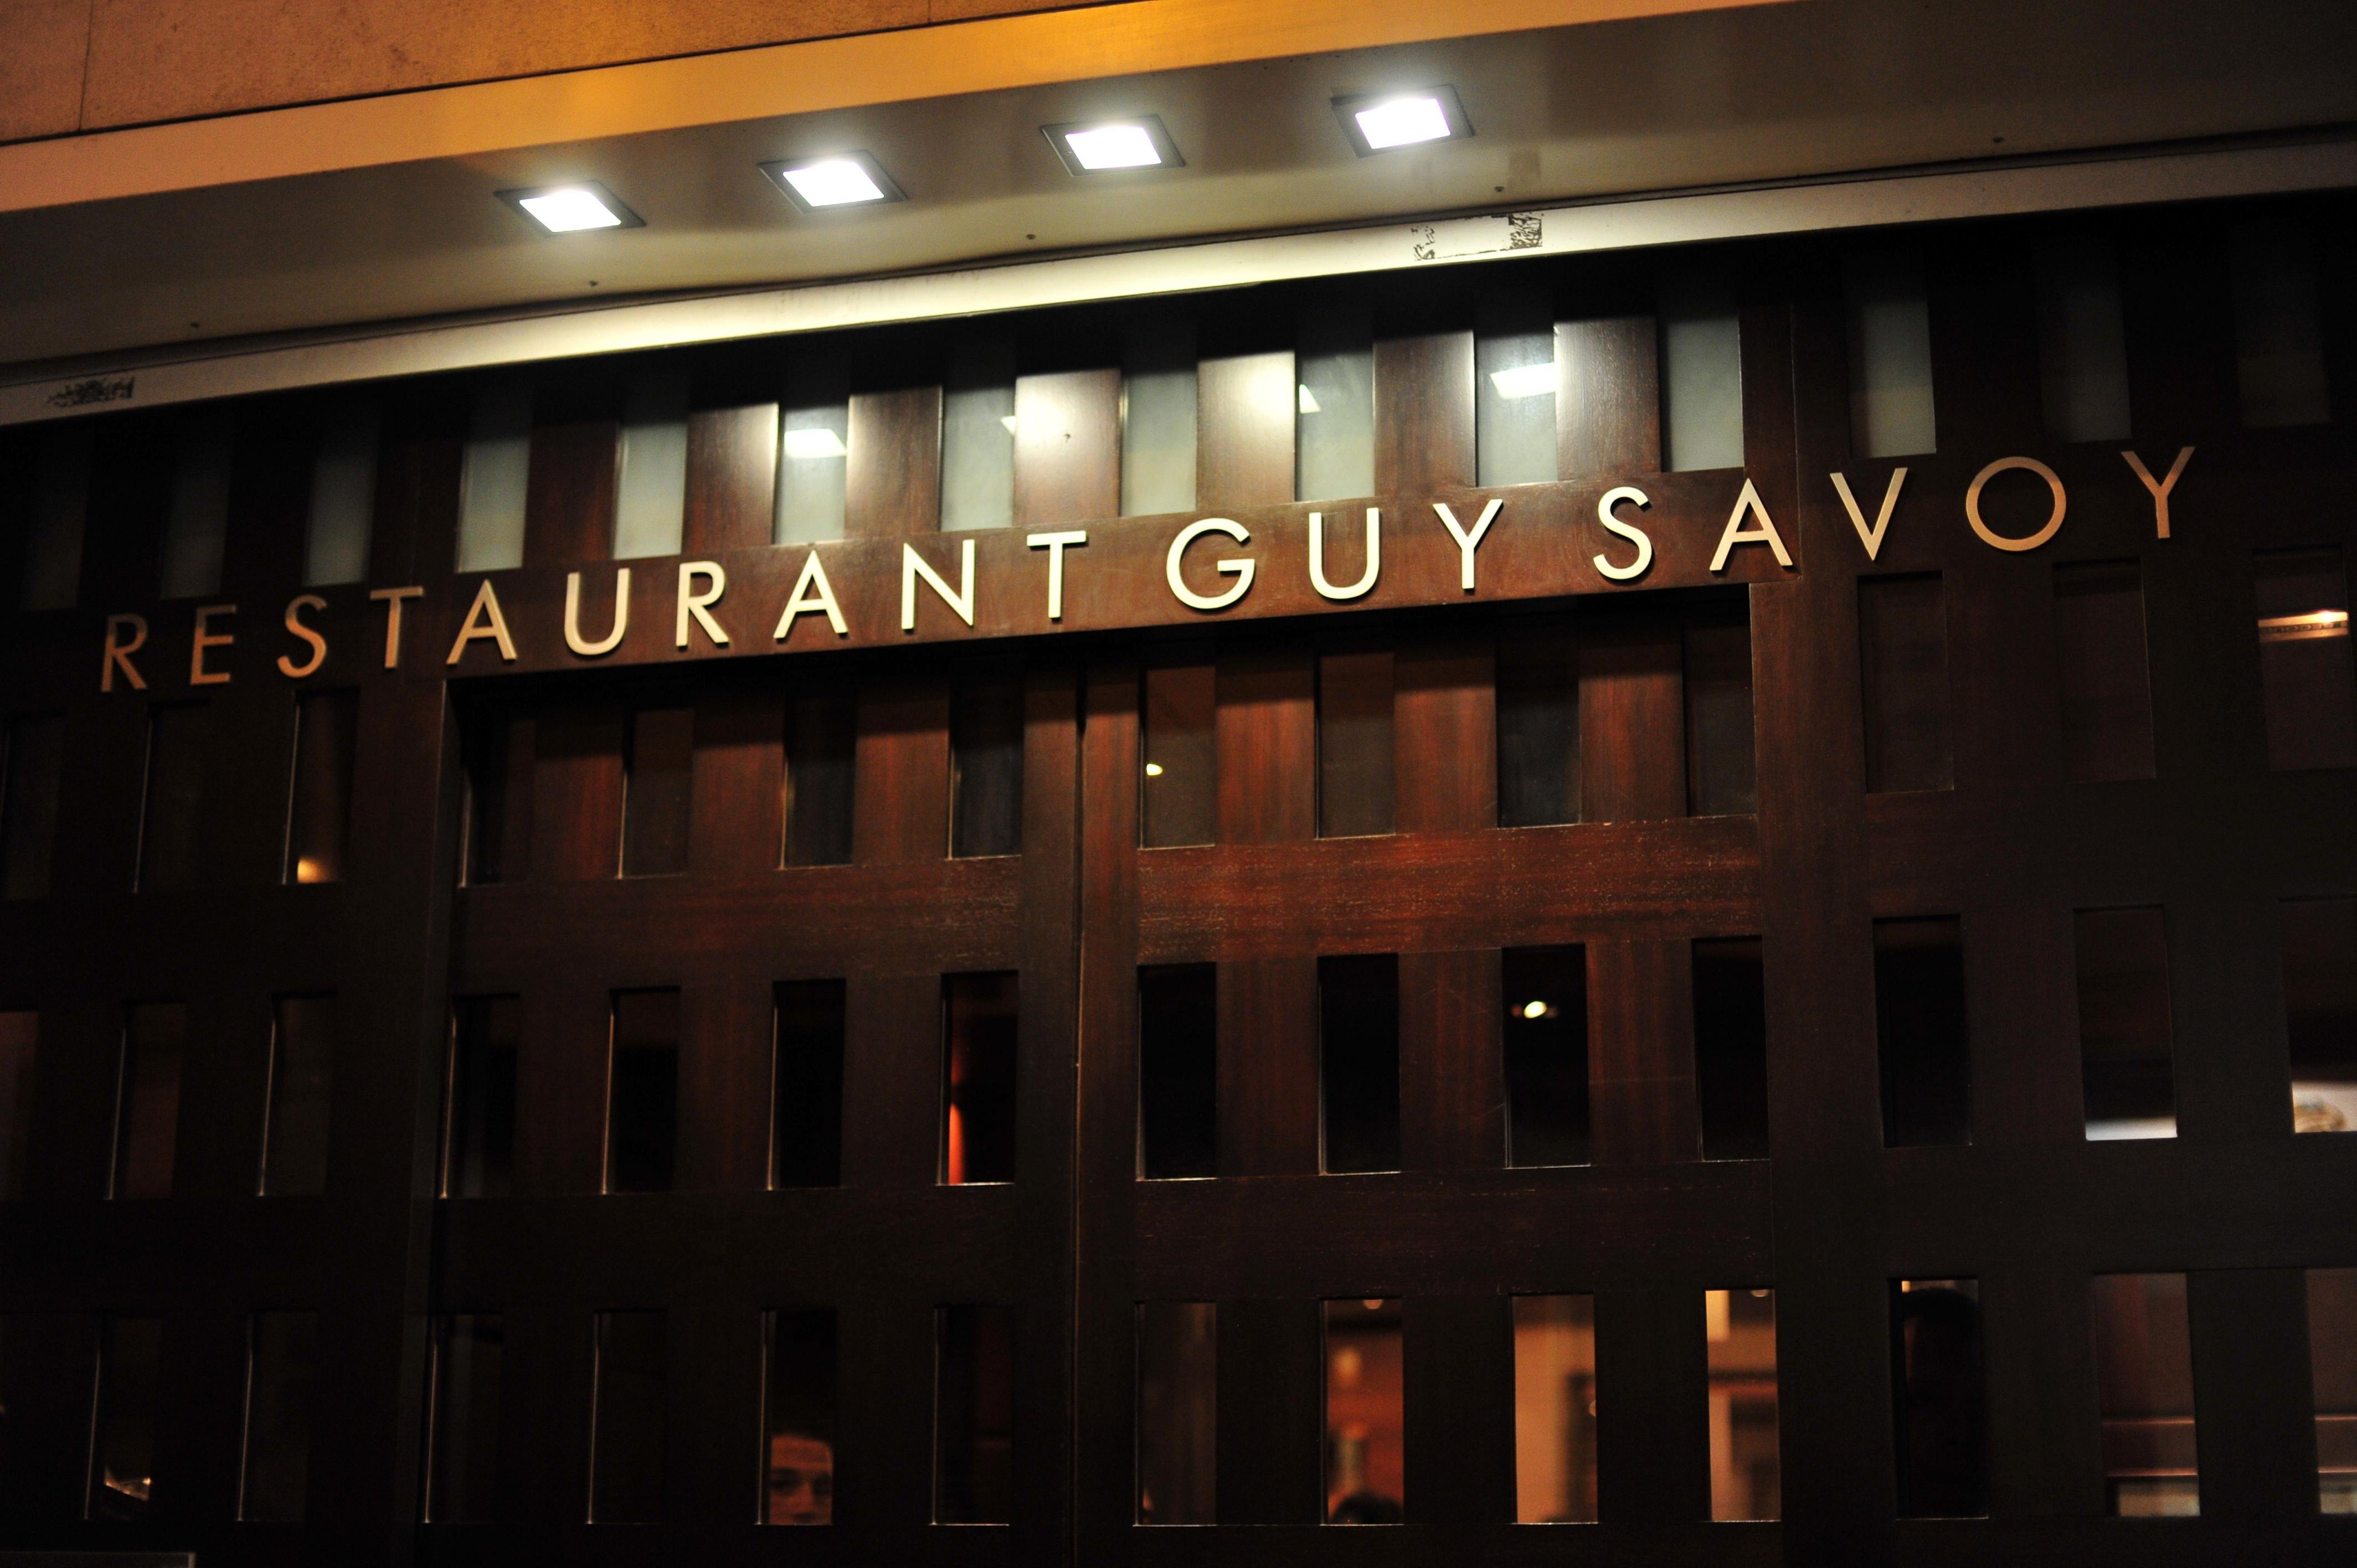 restaurante-pasantias-guy-savoy.jpg